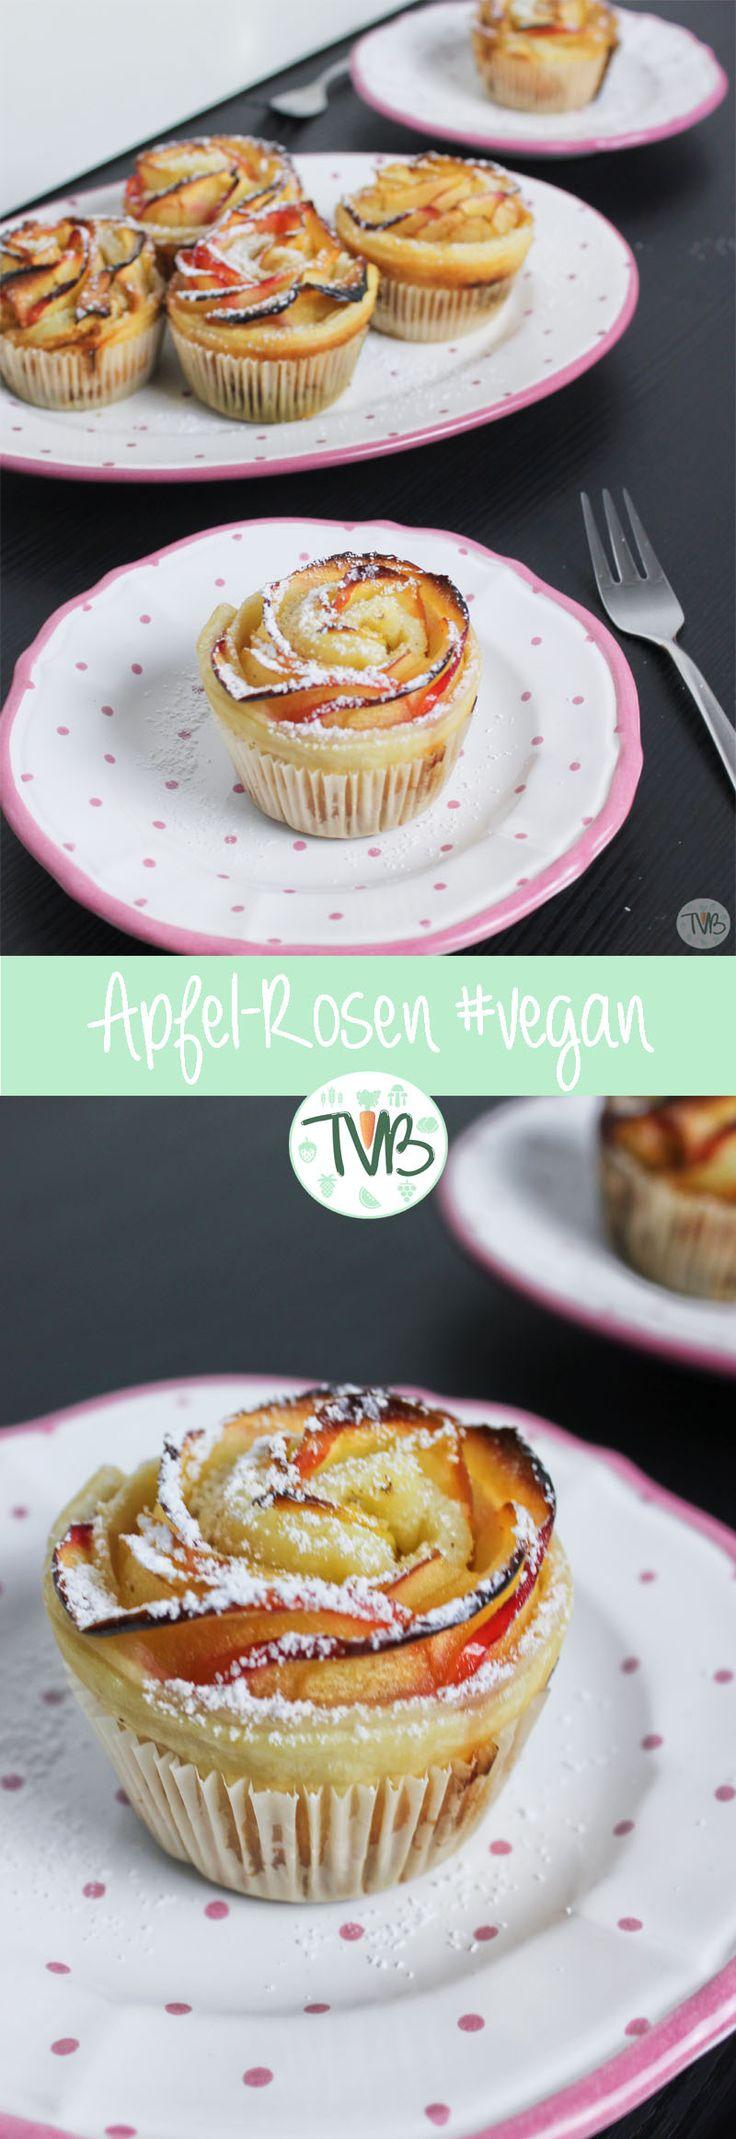 Apfel, Rosen, Blättertieg, Muffin, vegan, vegetarisch, ohne Ei, ohne Tierprodukte, wenig Zucker, lecker, fruchtig, leicht, schnell